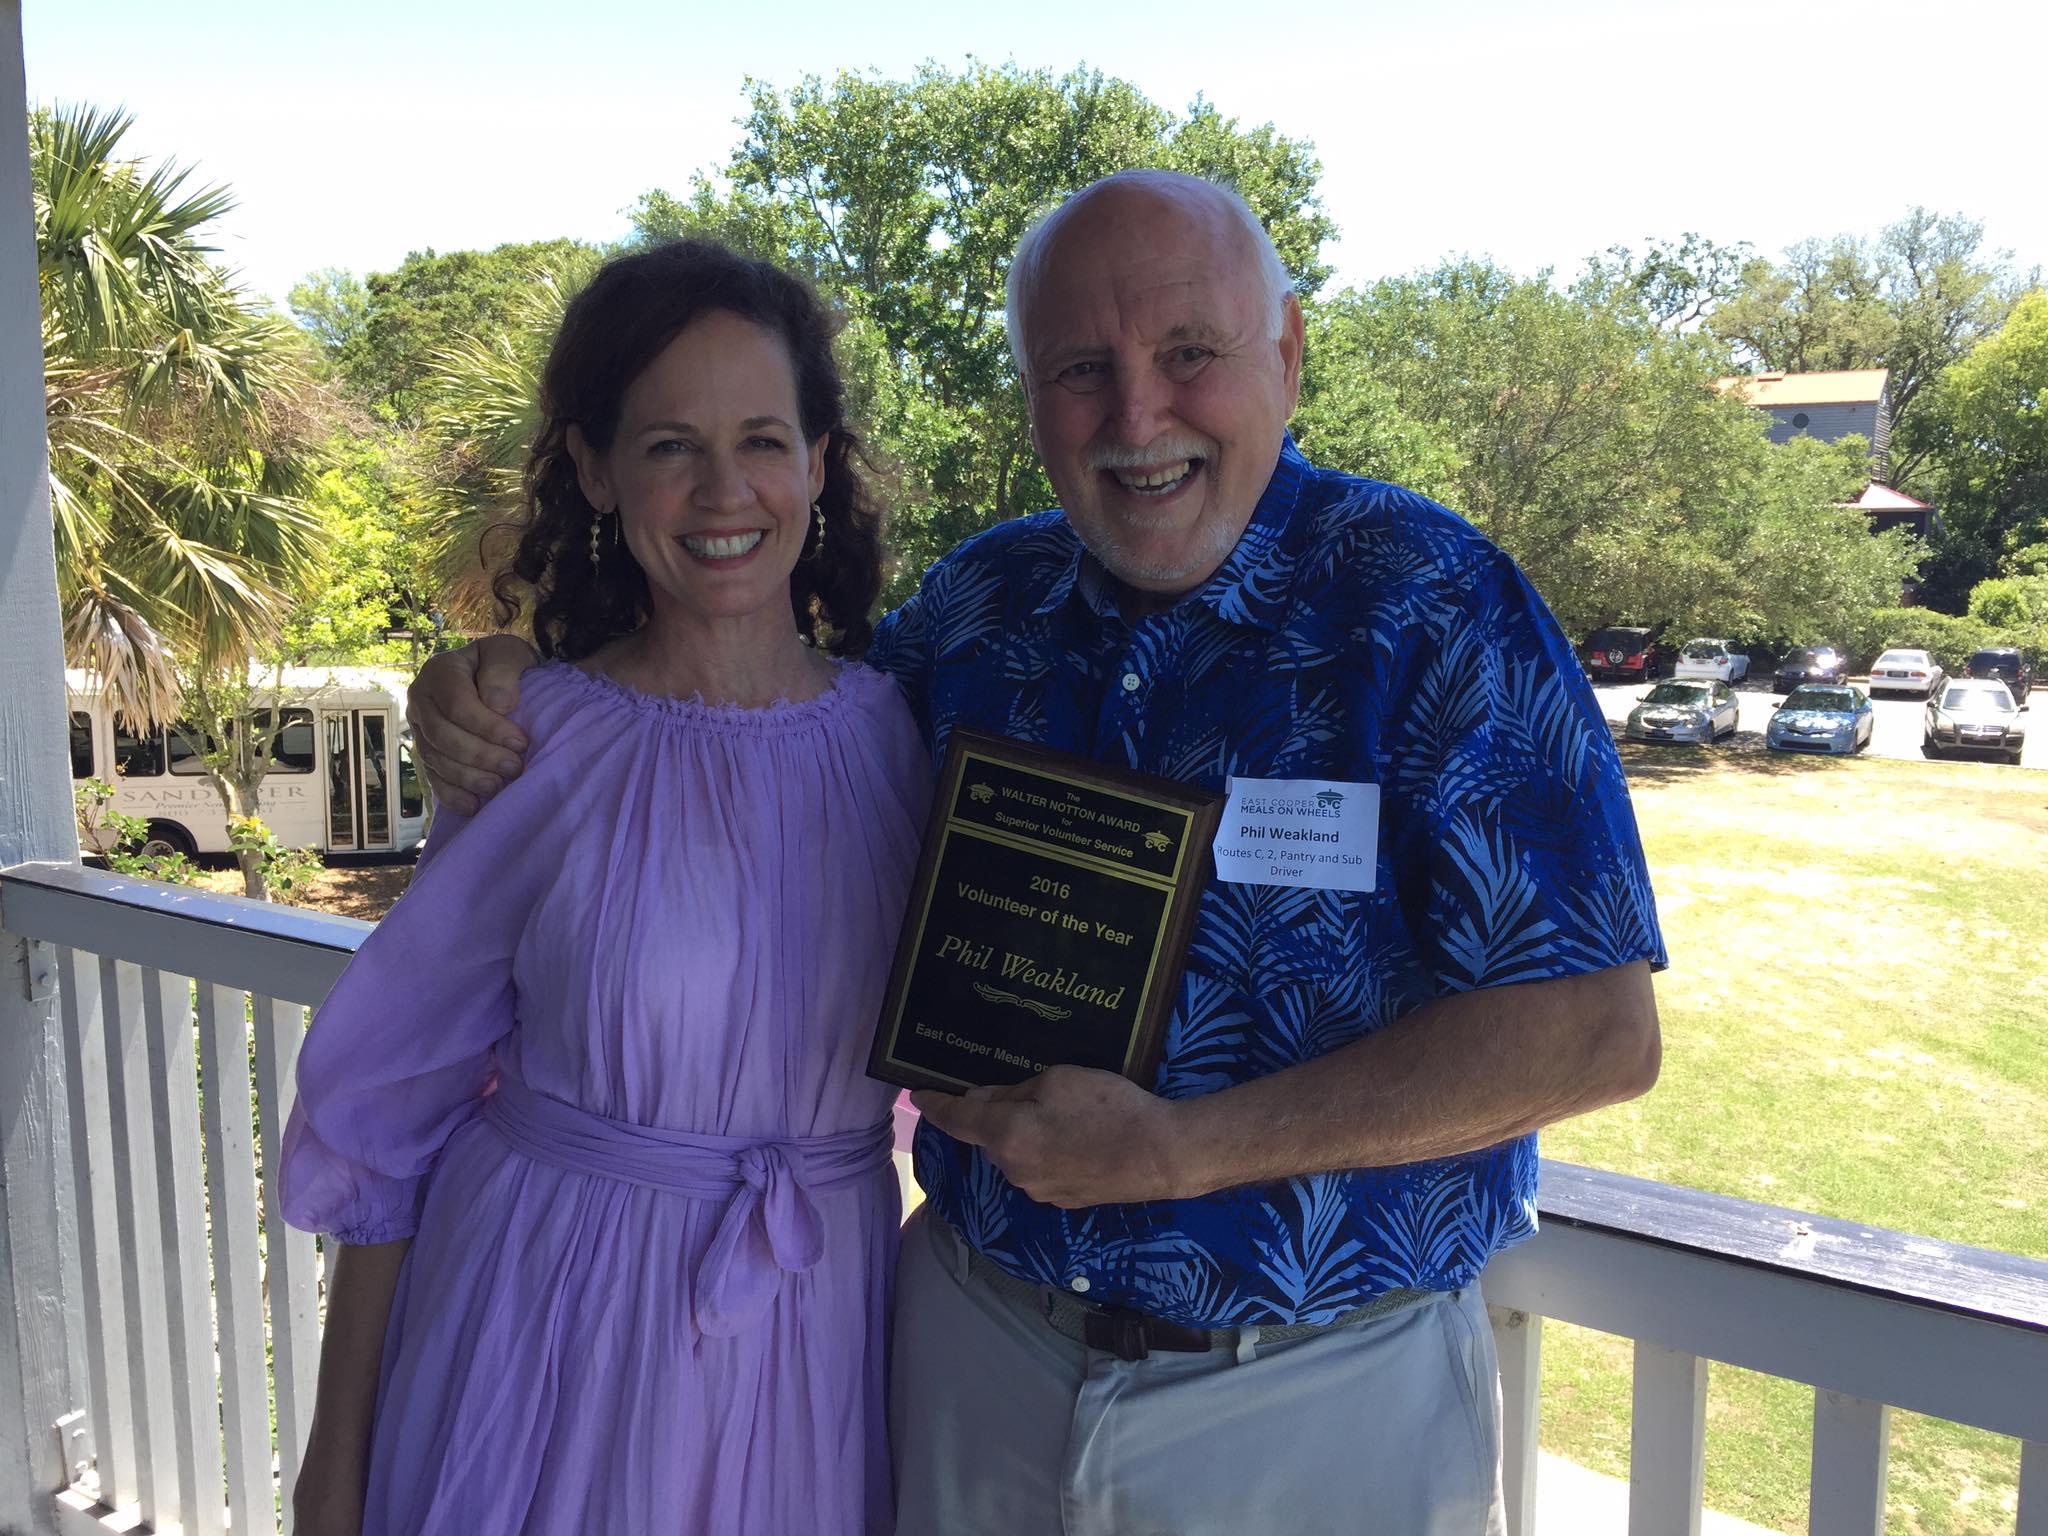 Volunteer Manager Kelley Chapman with Phil Weakland, Volunteer of the Year 2016